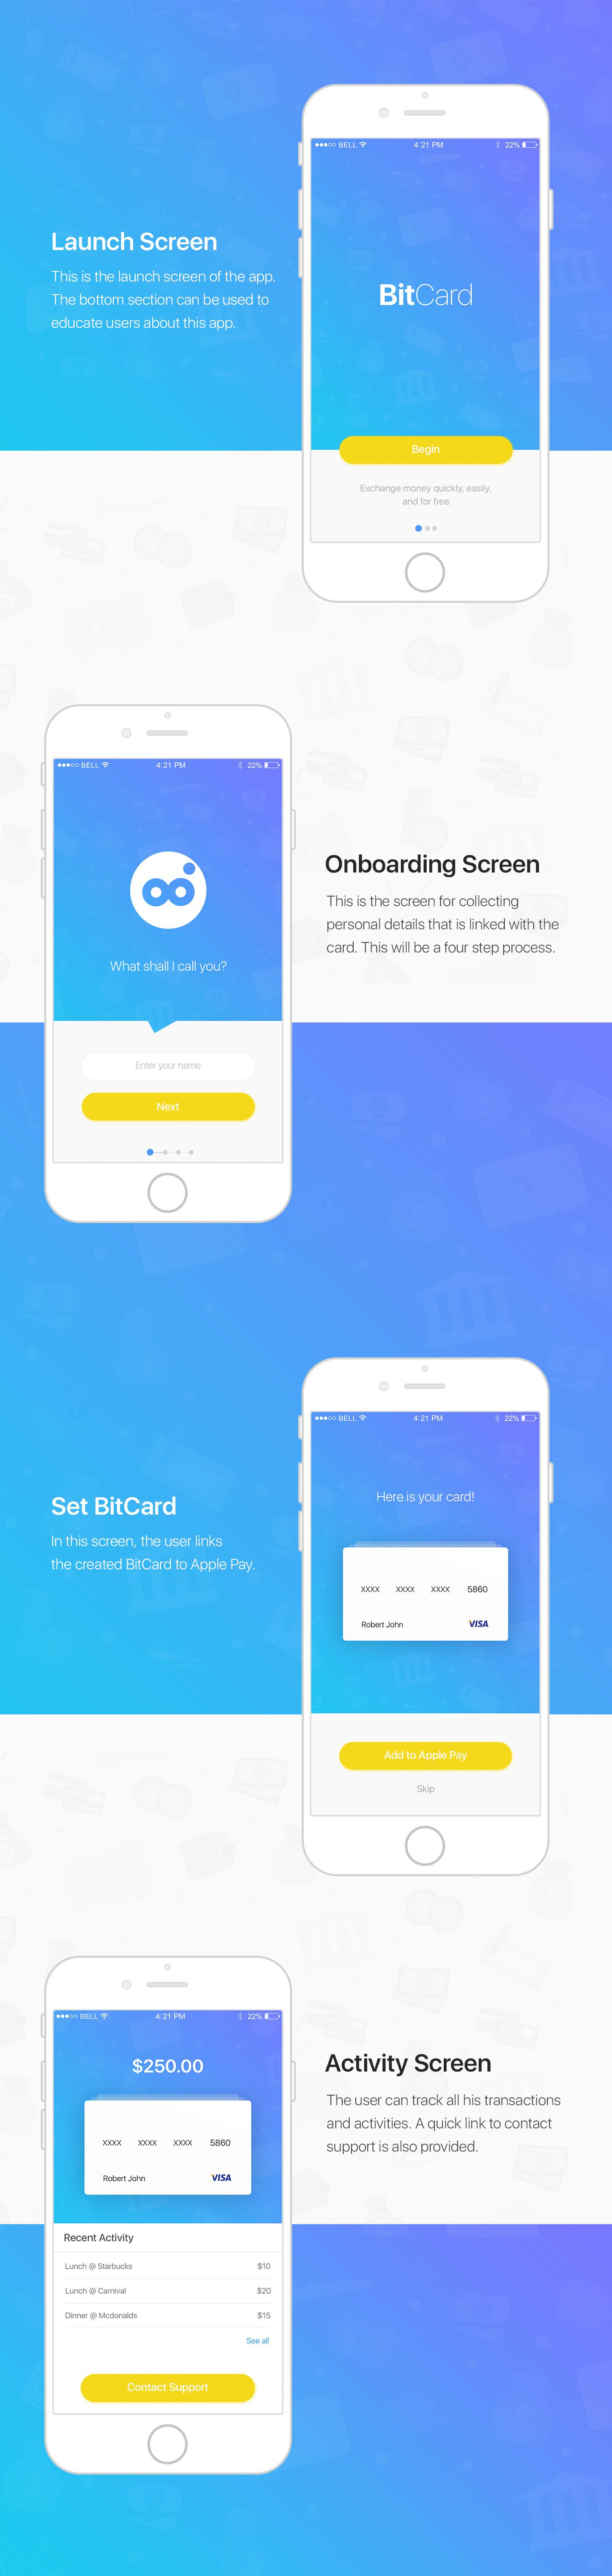 Mobile app iOS App ui design UX design user interface design